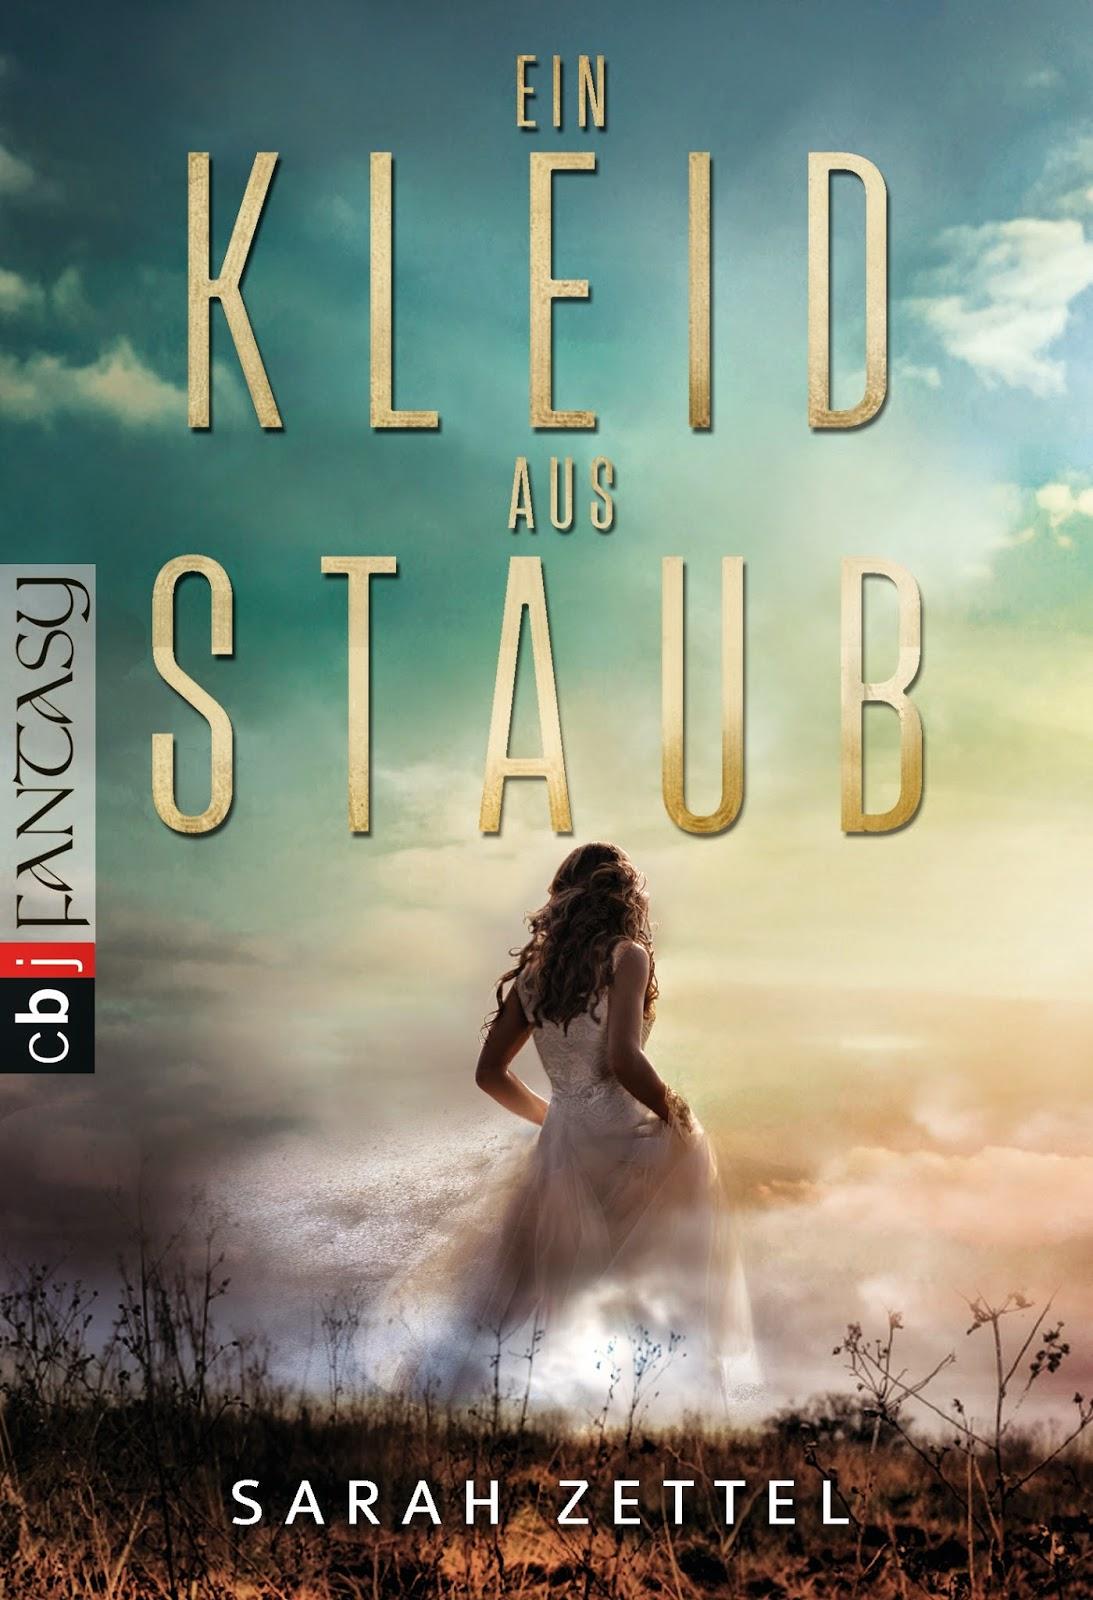 http://www.amazon.de/Ein-Kleid-Staub-Sarah-Zettel/dp/3570402339/ref=sr_1_1?ie=UTF8&qid=1398516963&sr=8-1&keywords=ein+kleid+aus+staub